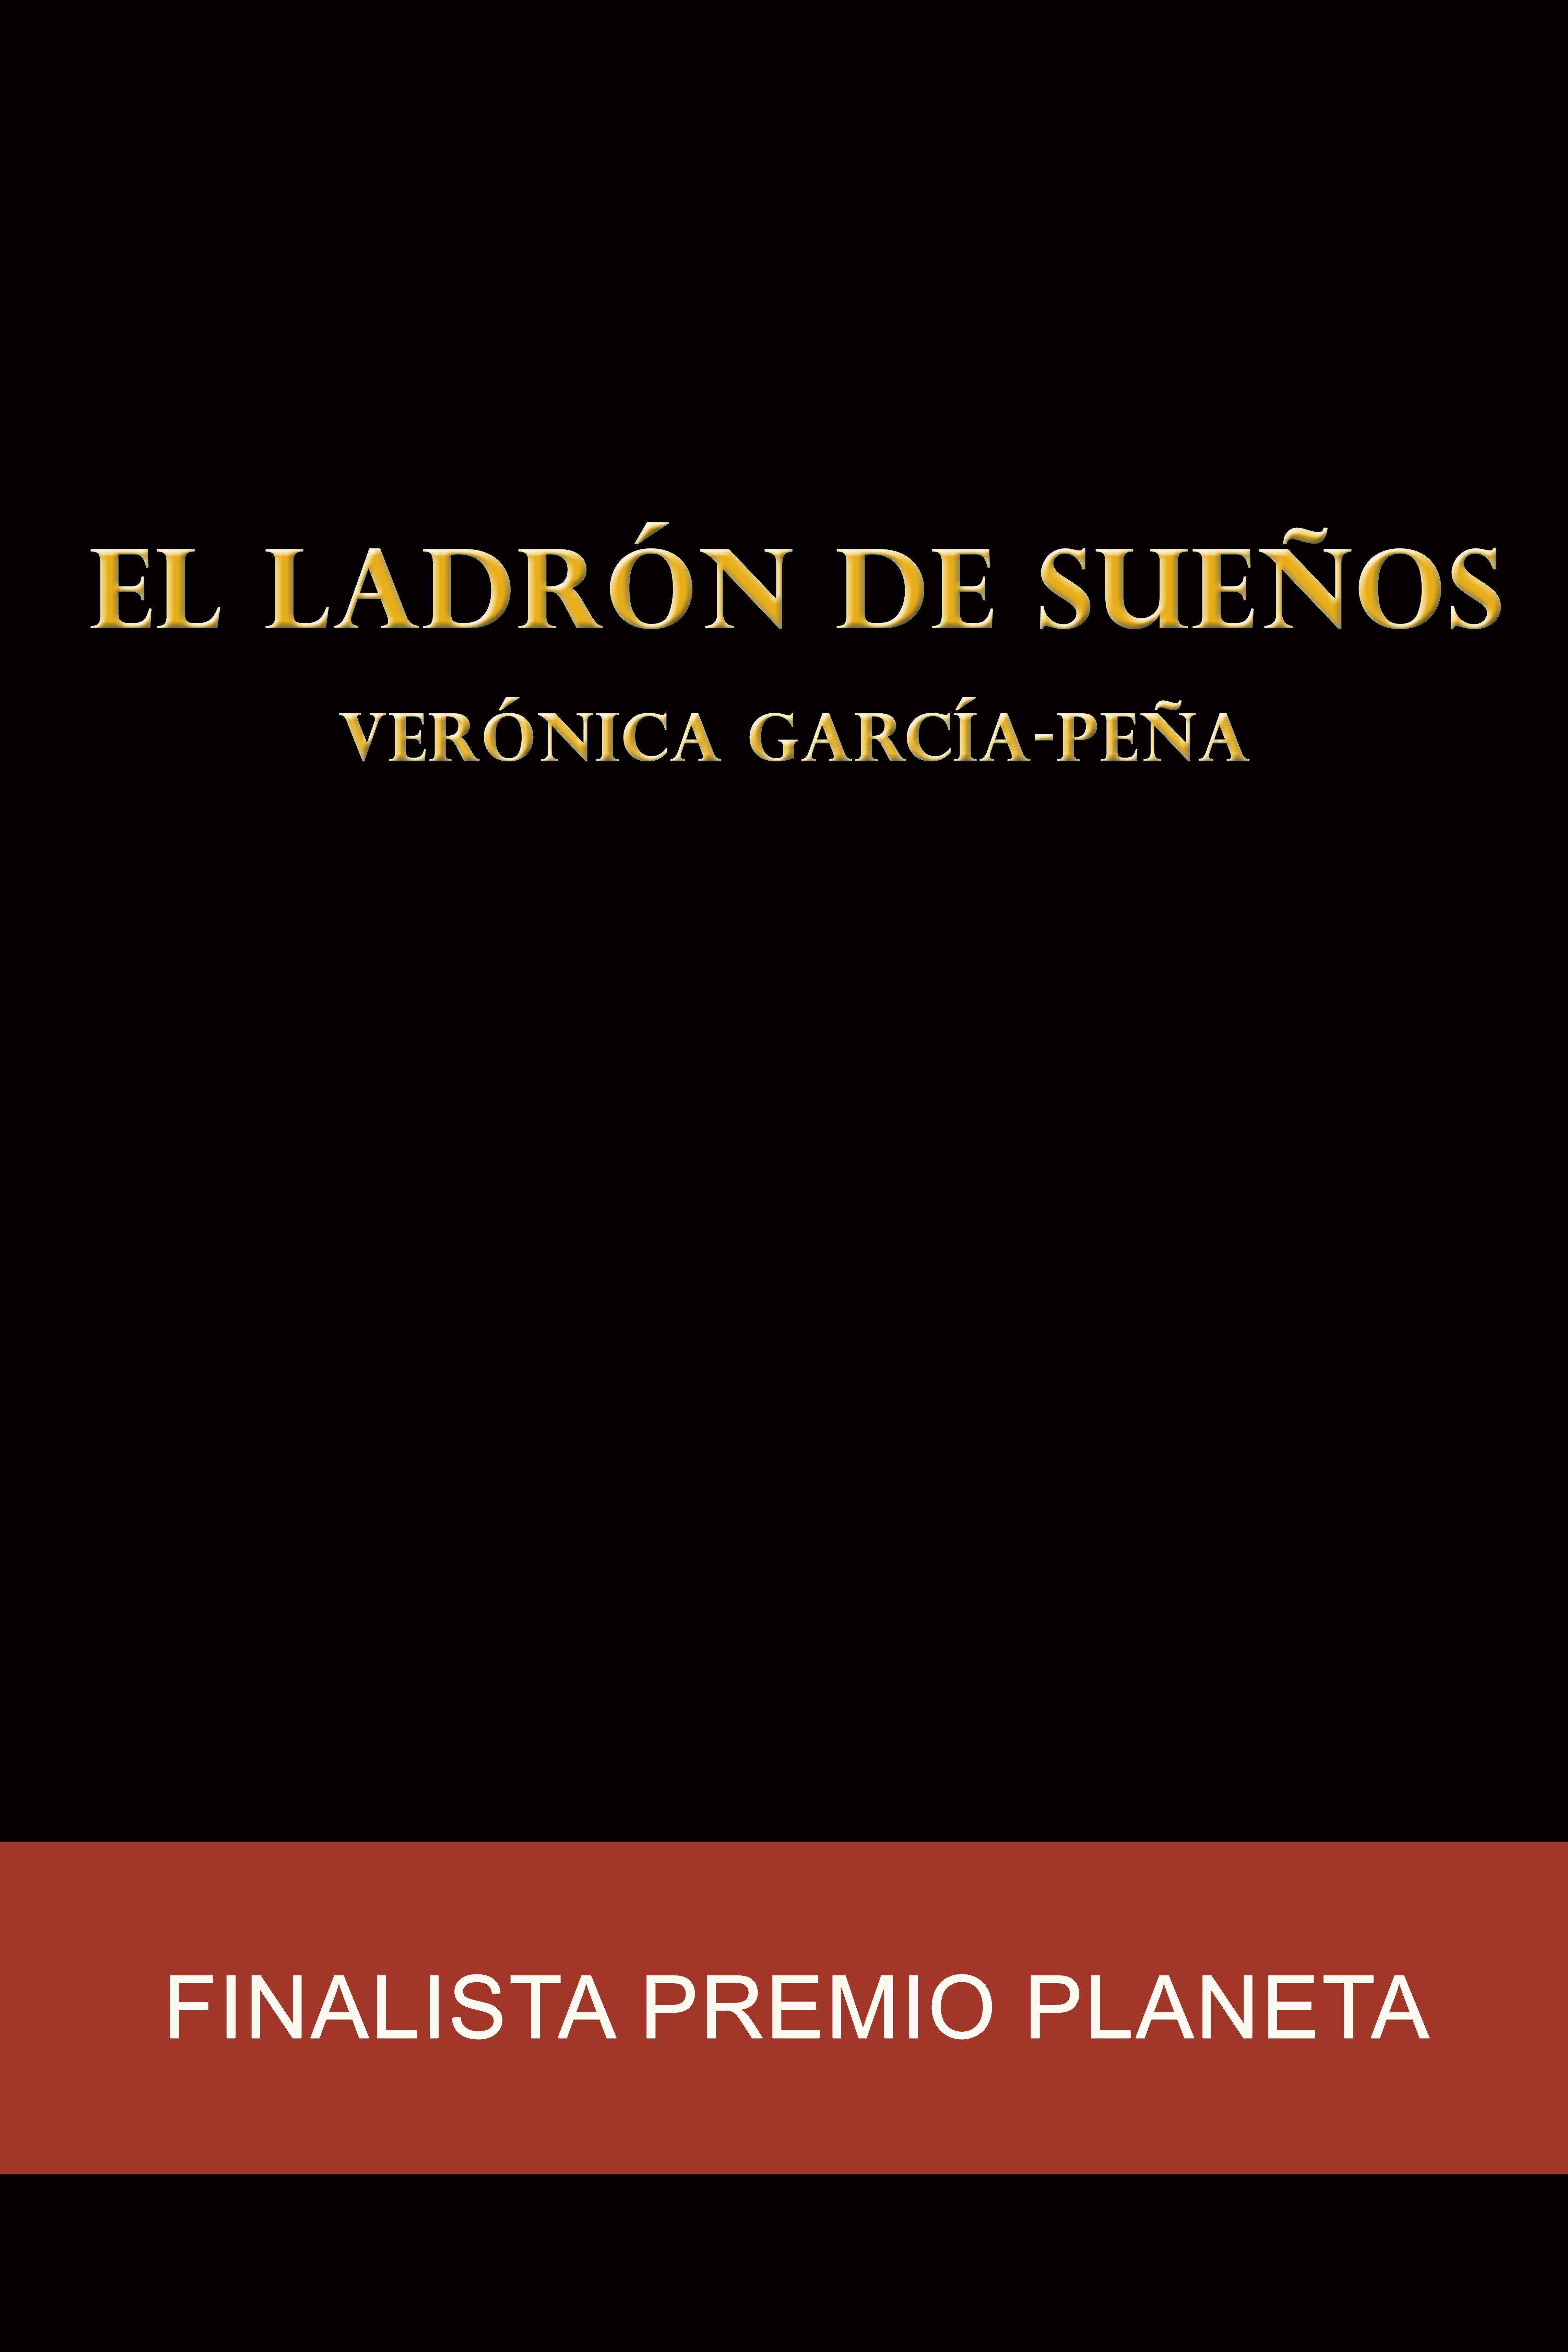 Publicación El ladrón de sueños, finalista Premio Planeta